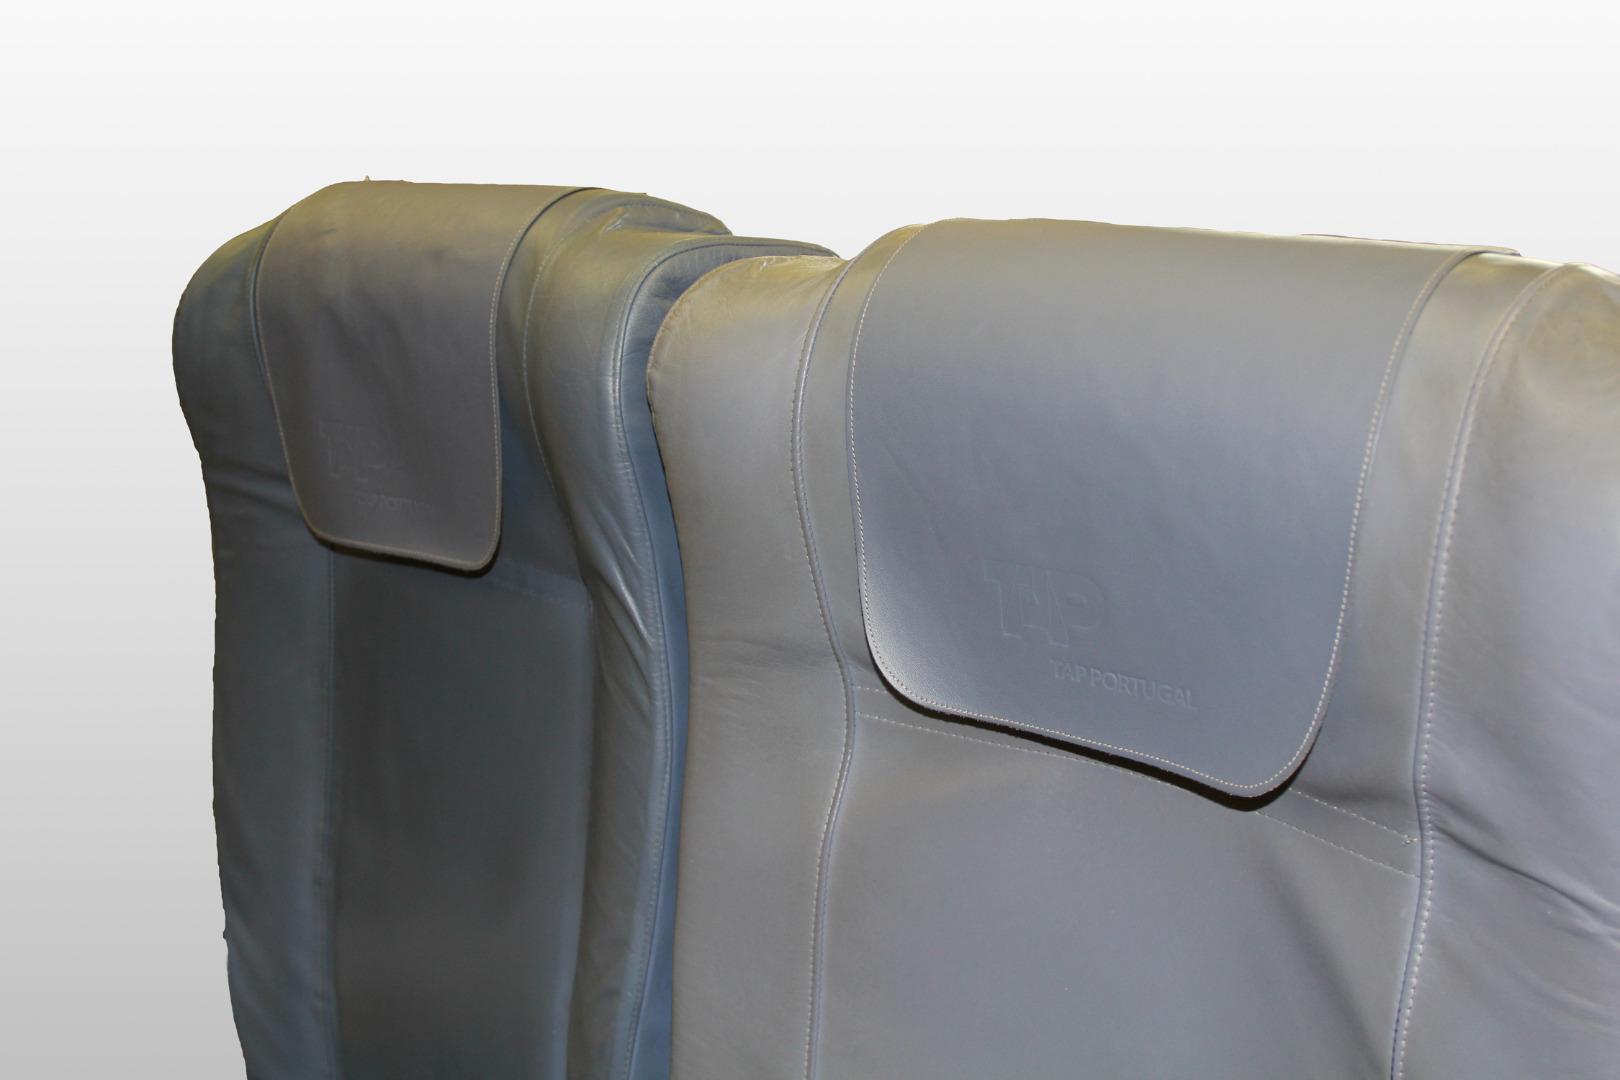 Cadeira tripla de económica do avião A319 TTK da TAP - 43